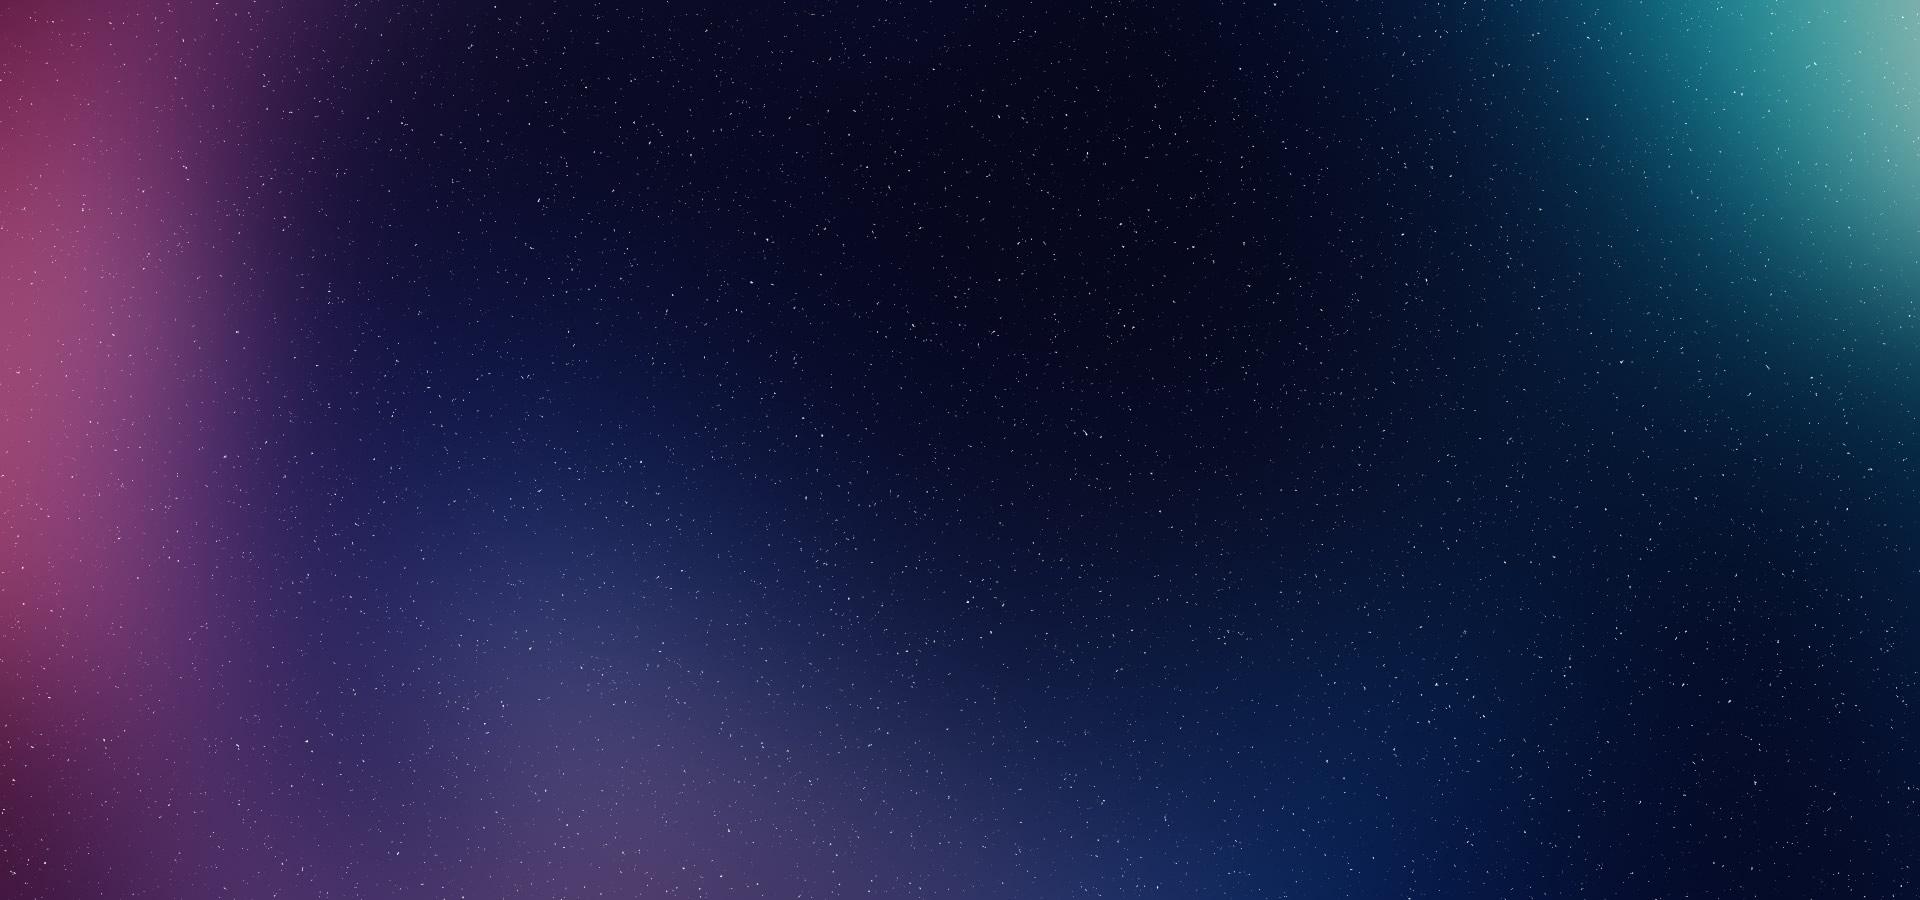 Njgiant Array image243